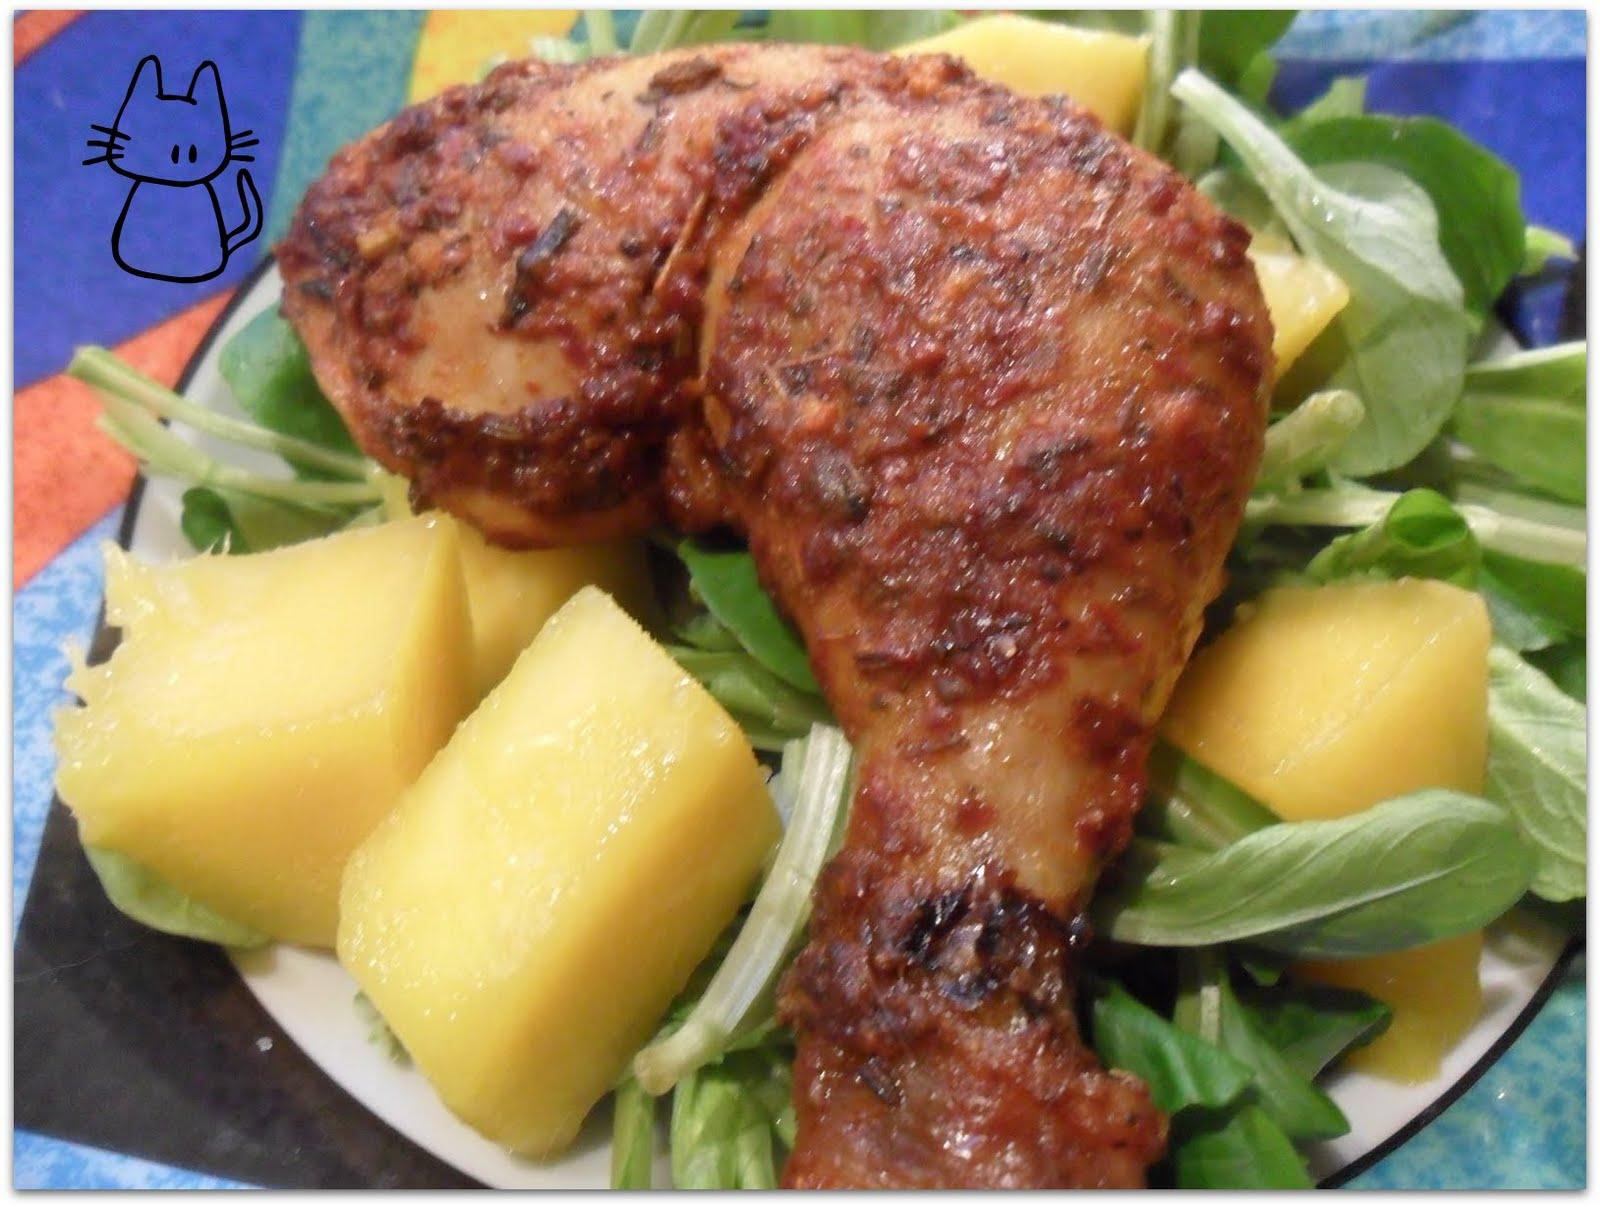 La t te dans le chaudron cuisses de poulet grill es au citron piments et herbes - Cuisse de poulet grille au four ...